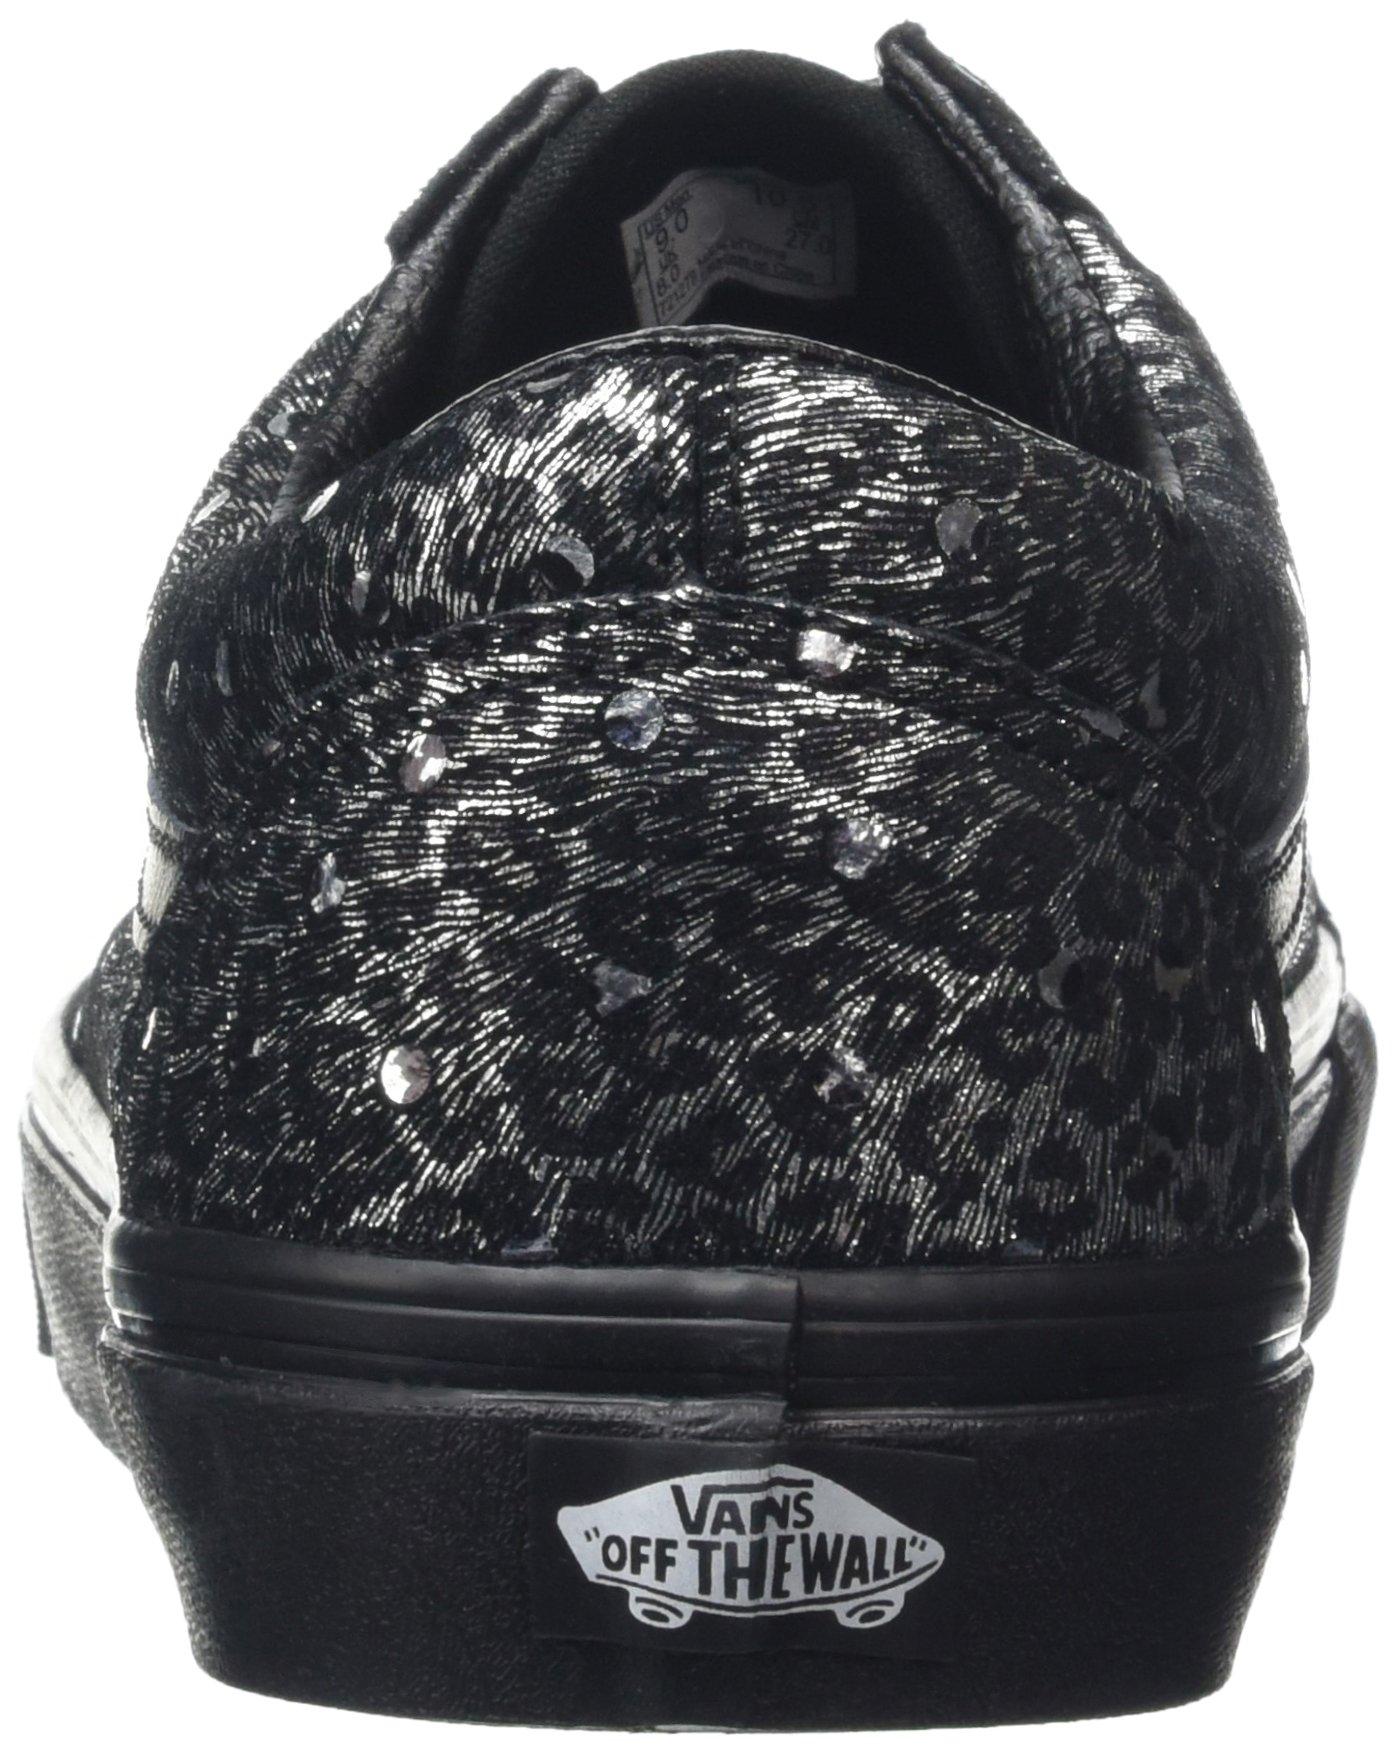 Vans Unisex Old Skool Skate Sneakers (8) by Vans (Image #2)